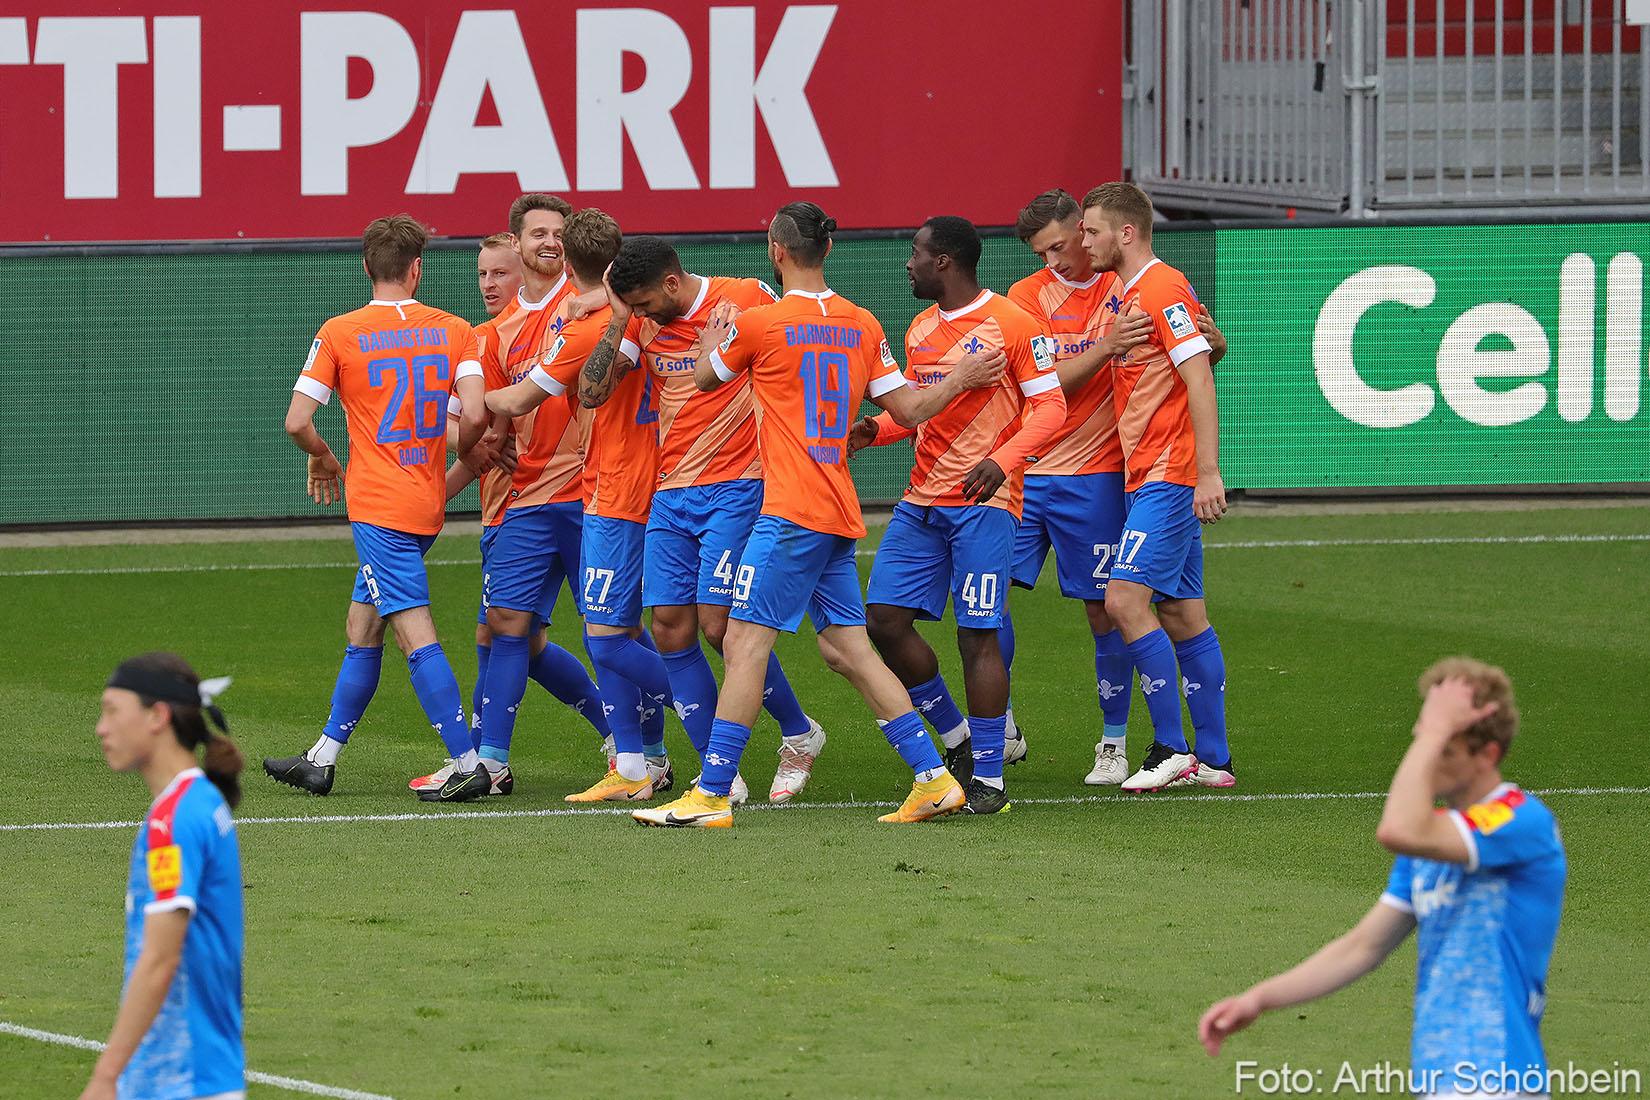 Das Saisonzeugnis für die Spieler des SV Darmstadt 98